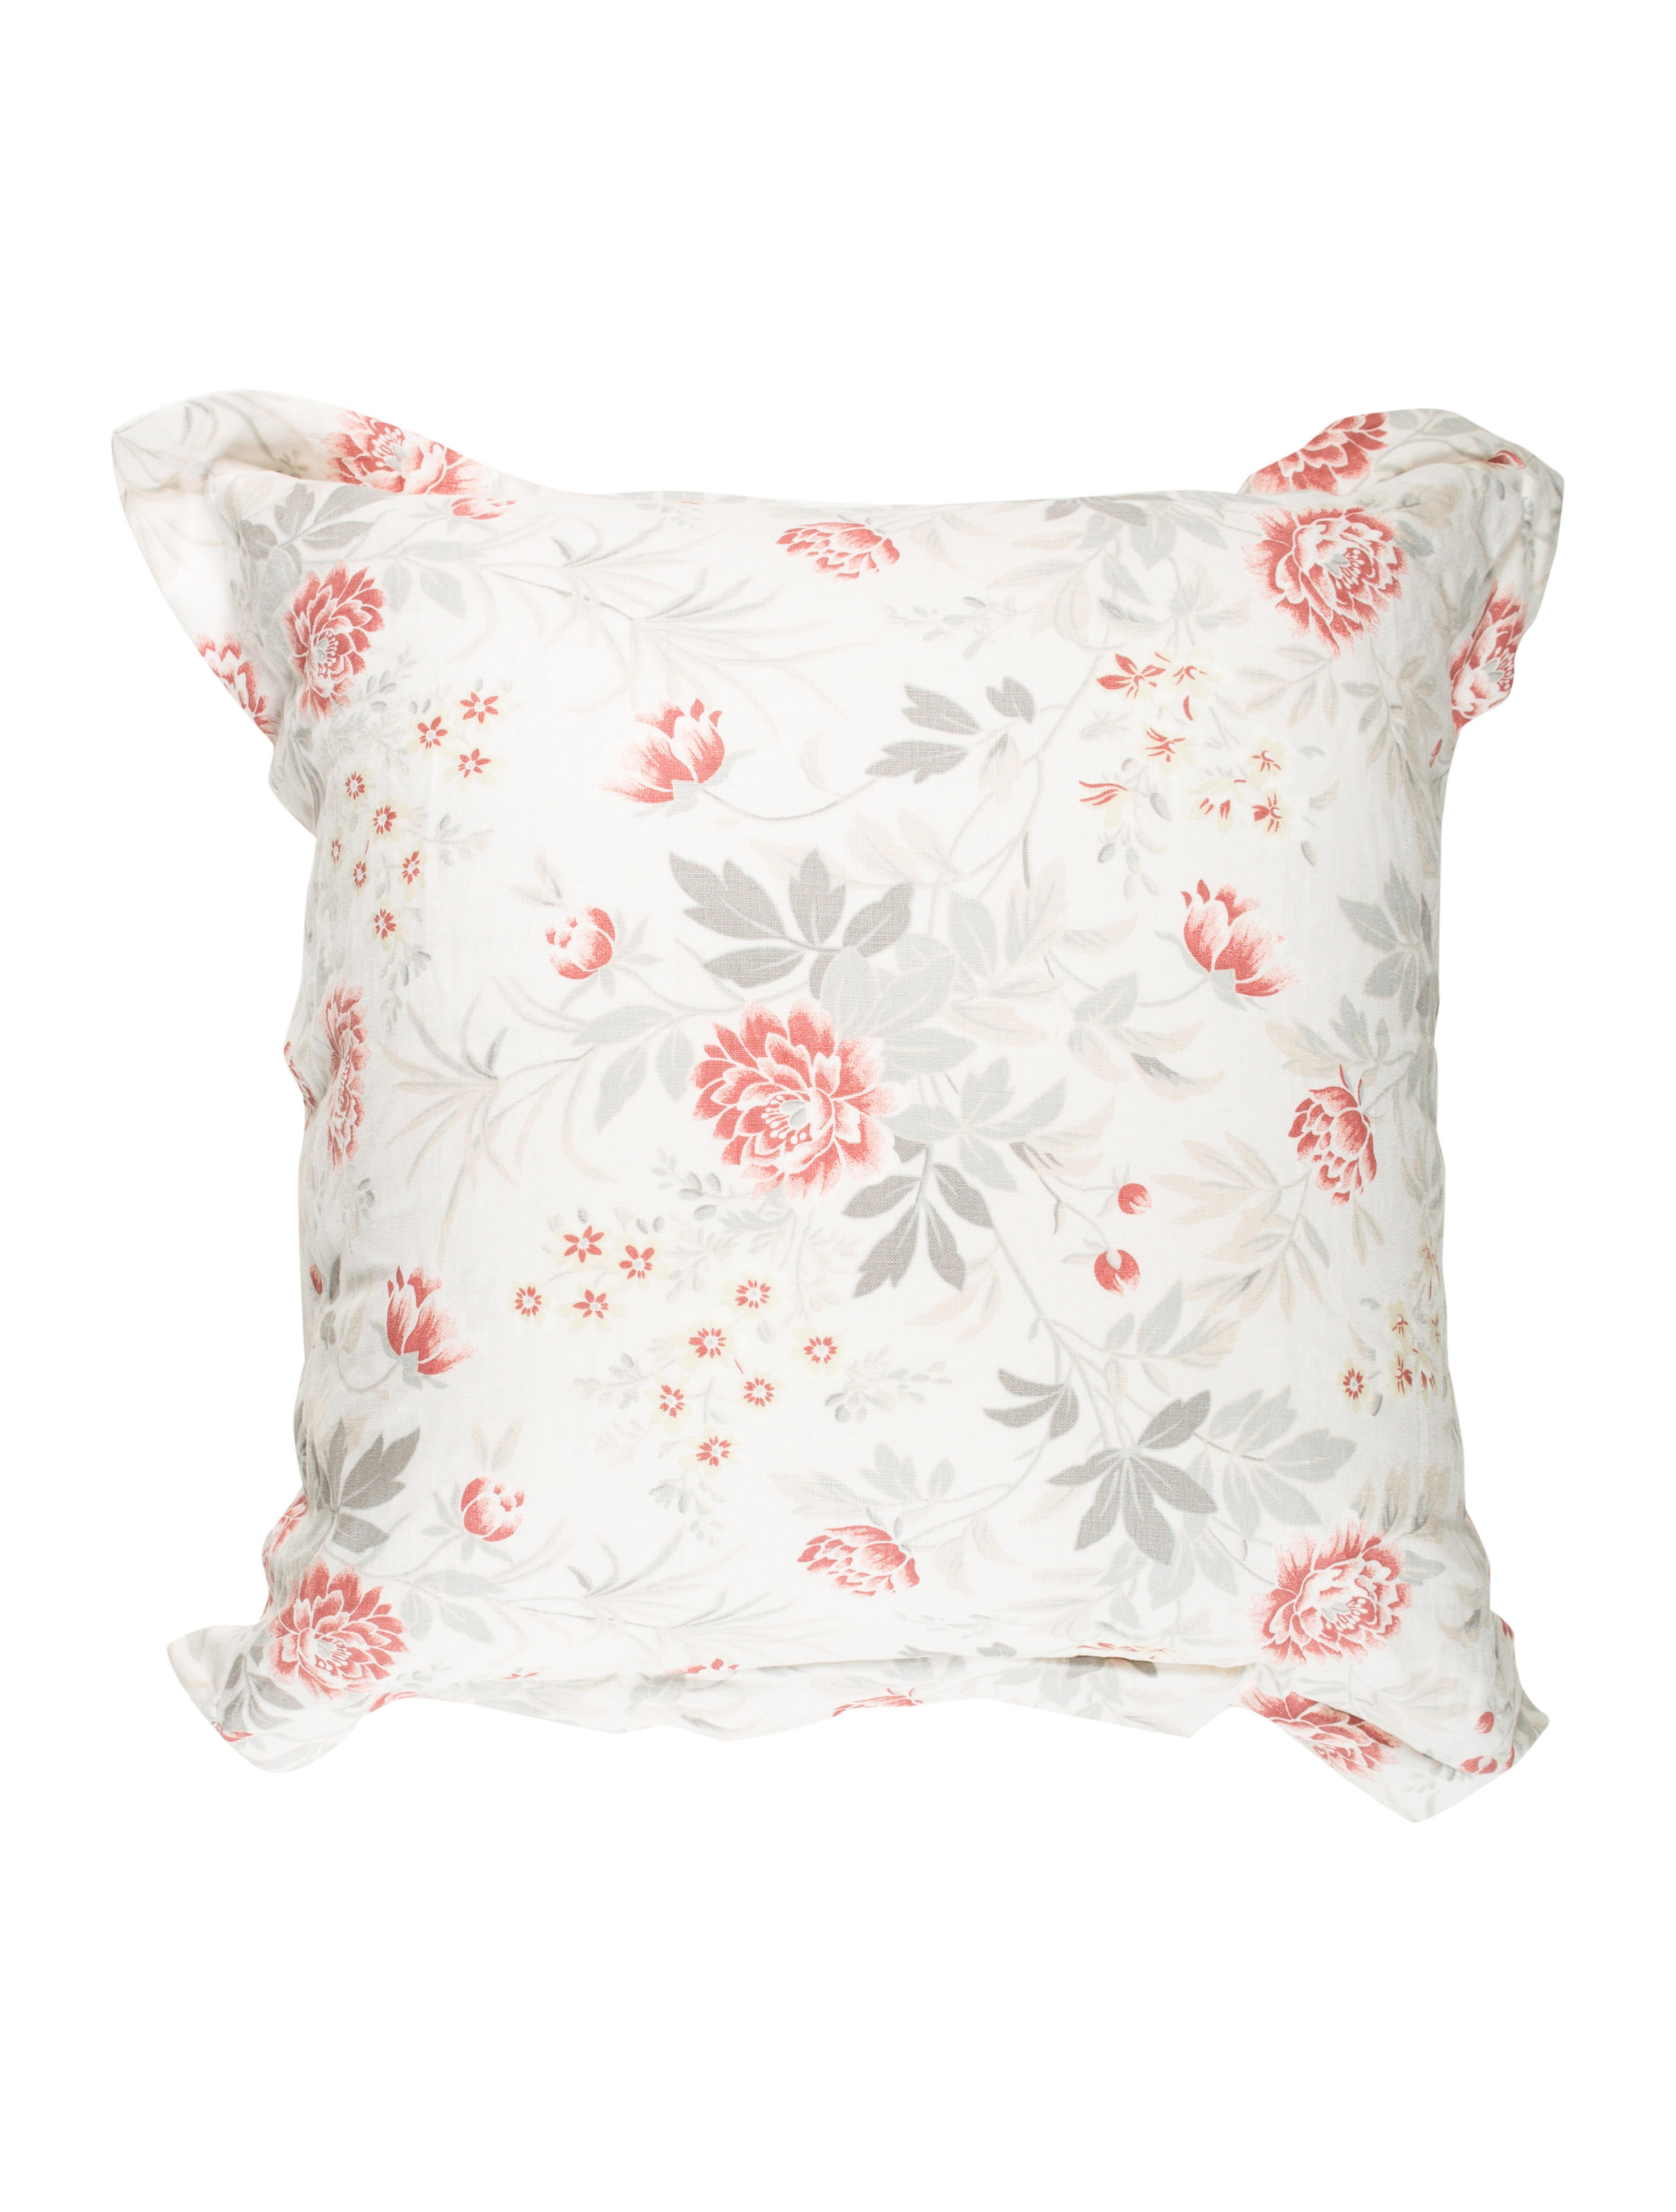 Lavender Throw Pillows : Home Linen Floral Throw Pillow - Bedding And Bath - HME21189 The RealReal